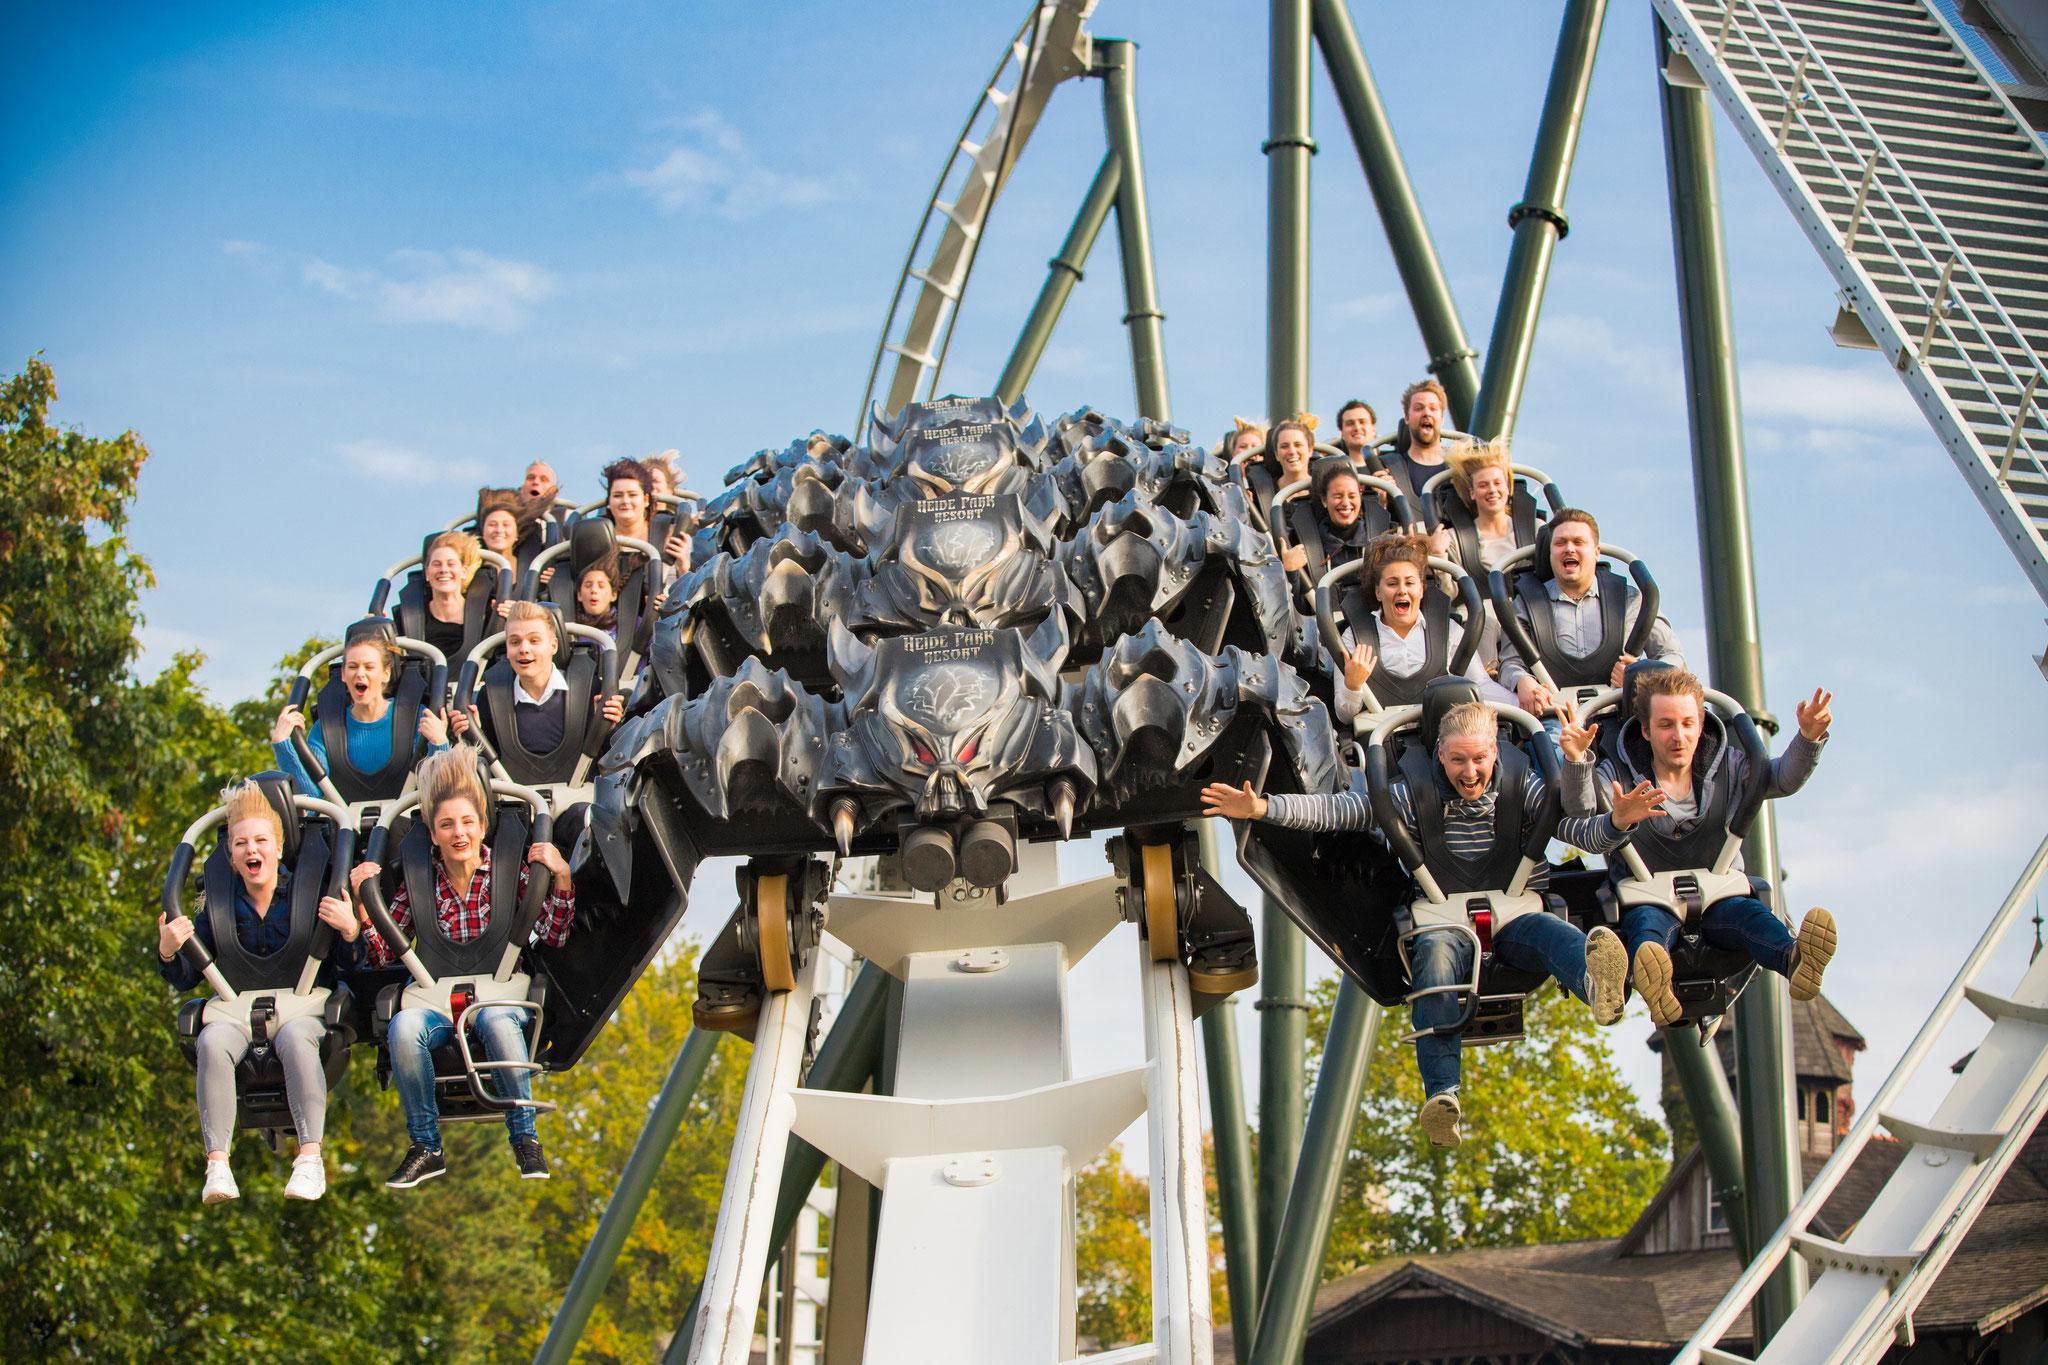 Flug der Dämonen - Deutschlands einziger Wing Coaster